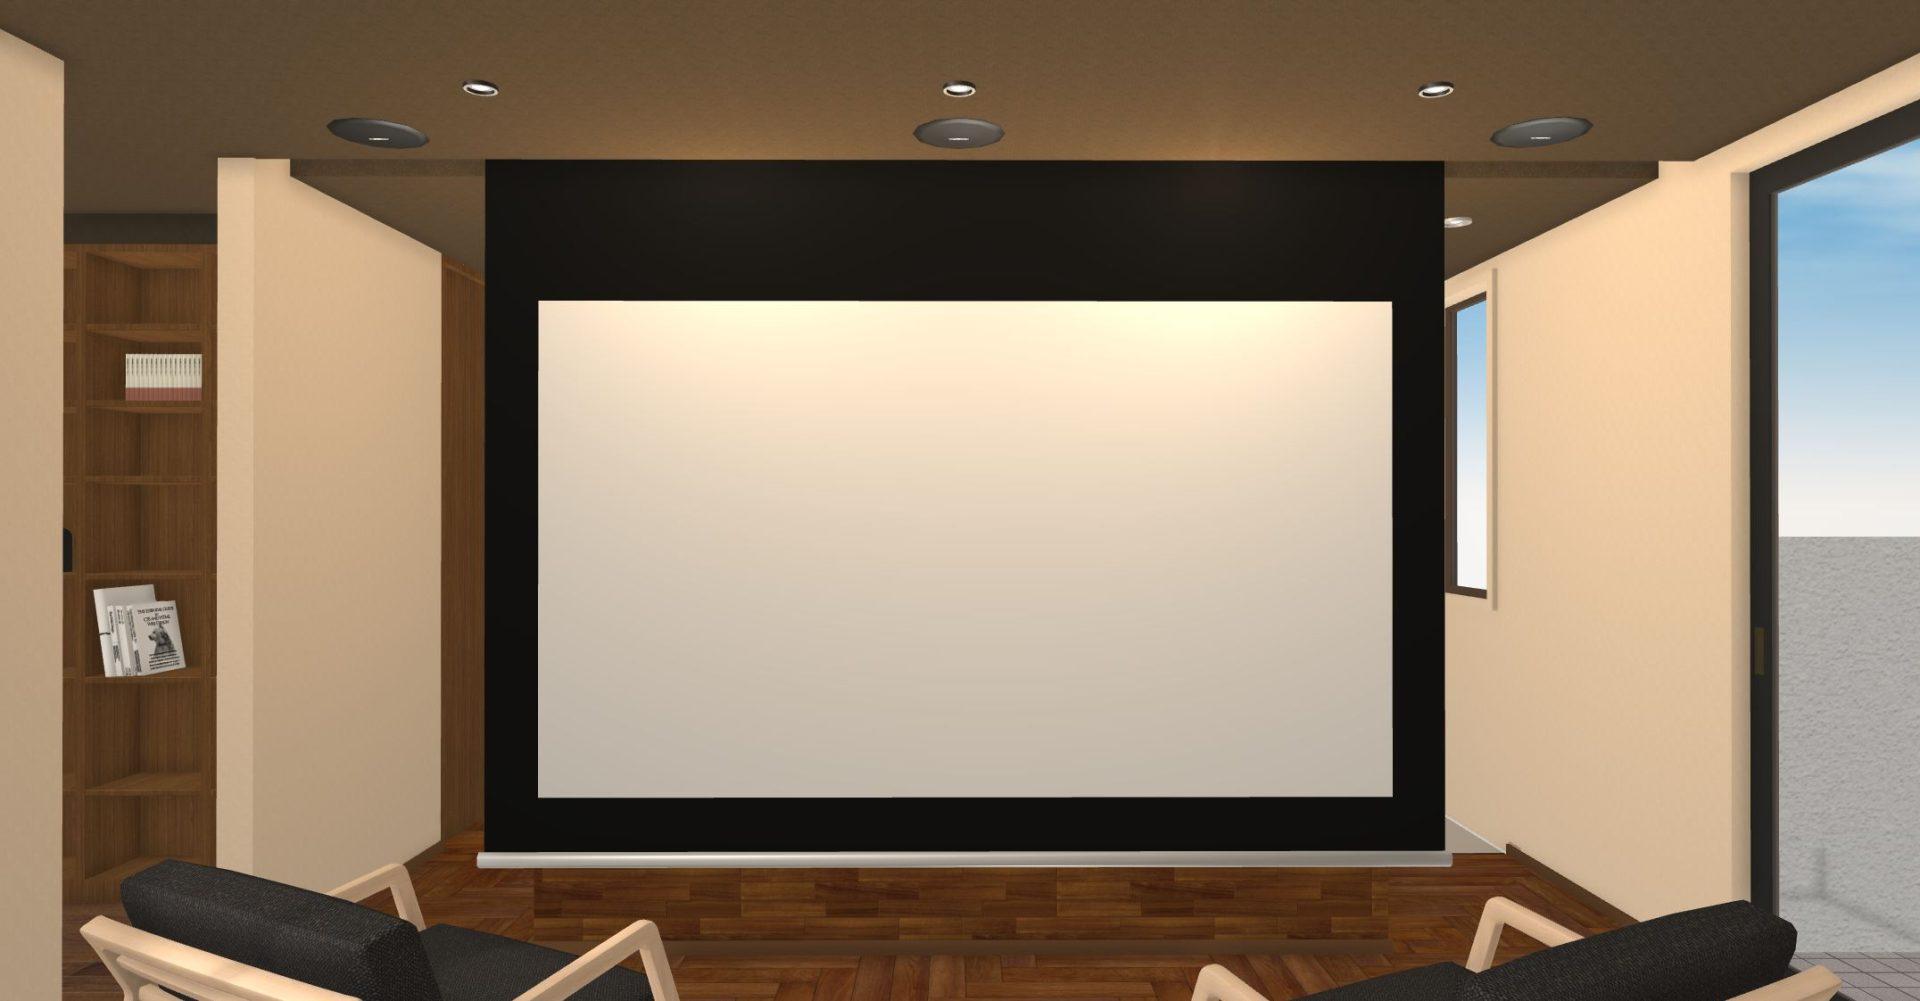 セカンドリビングには110インチのスクリーンを設置予定